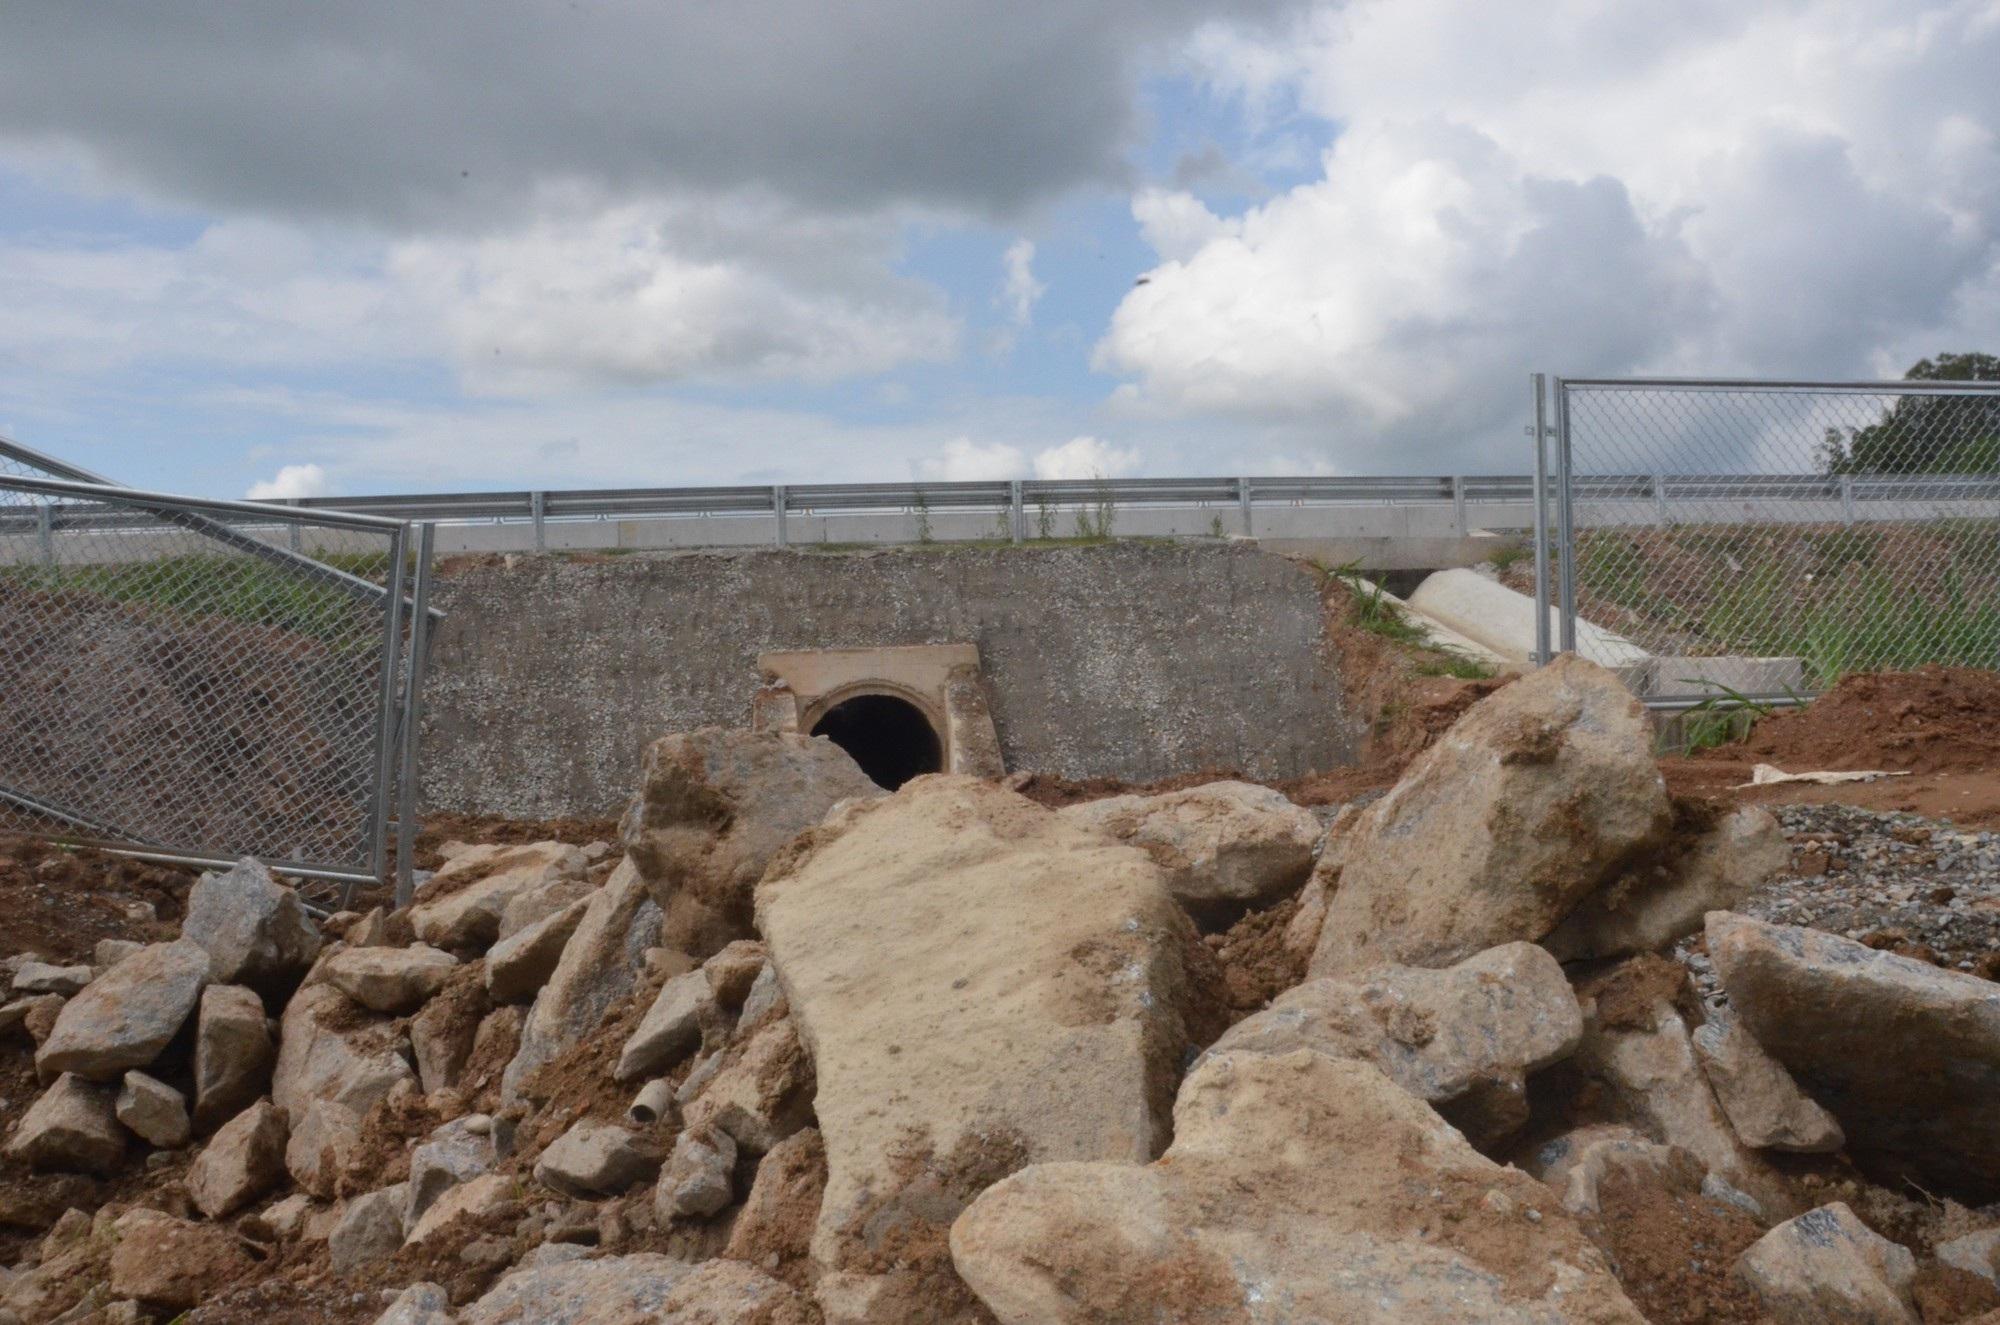 Cao tốc Đà Nẵng - Quảng Ngãi: Bê tông mái taluy vỡ vụn - Ảnh 6.